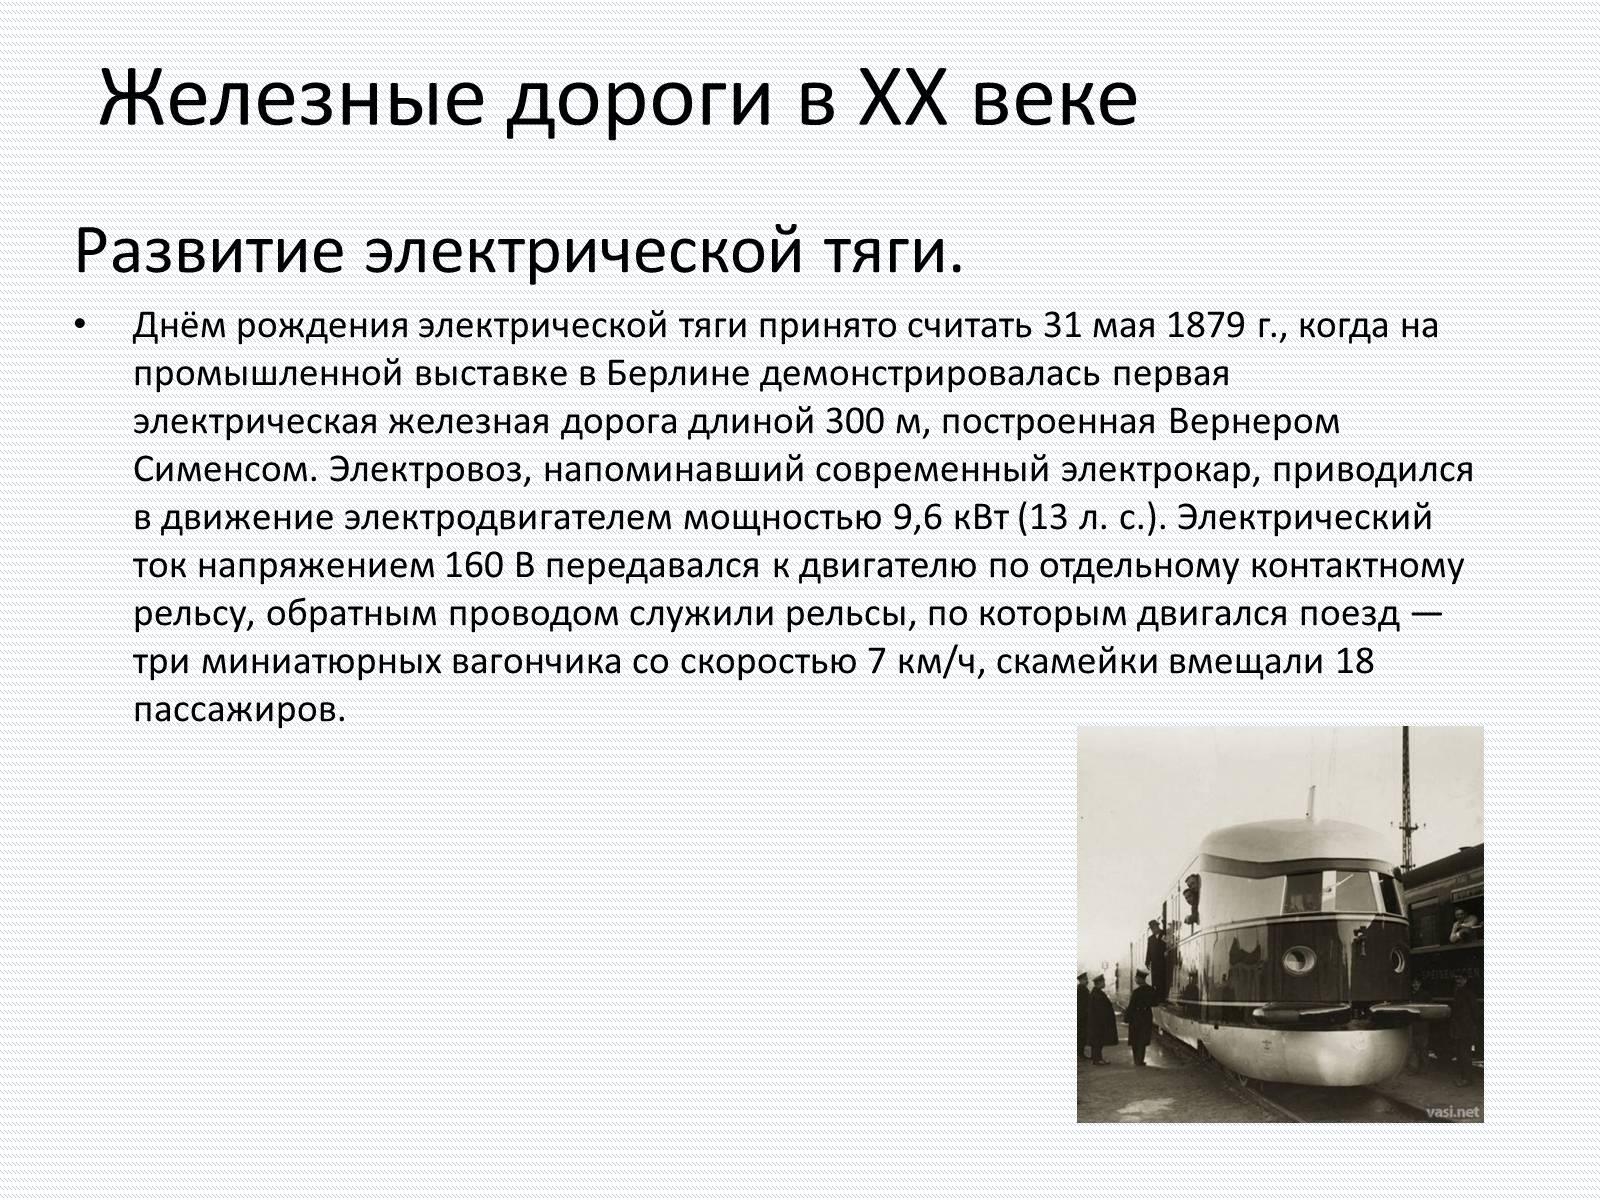 Развитие железных дорог в россии презентация